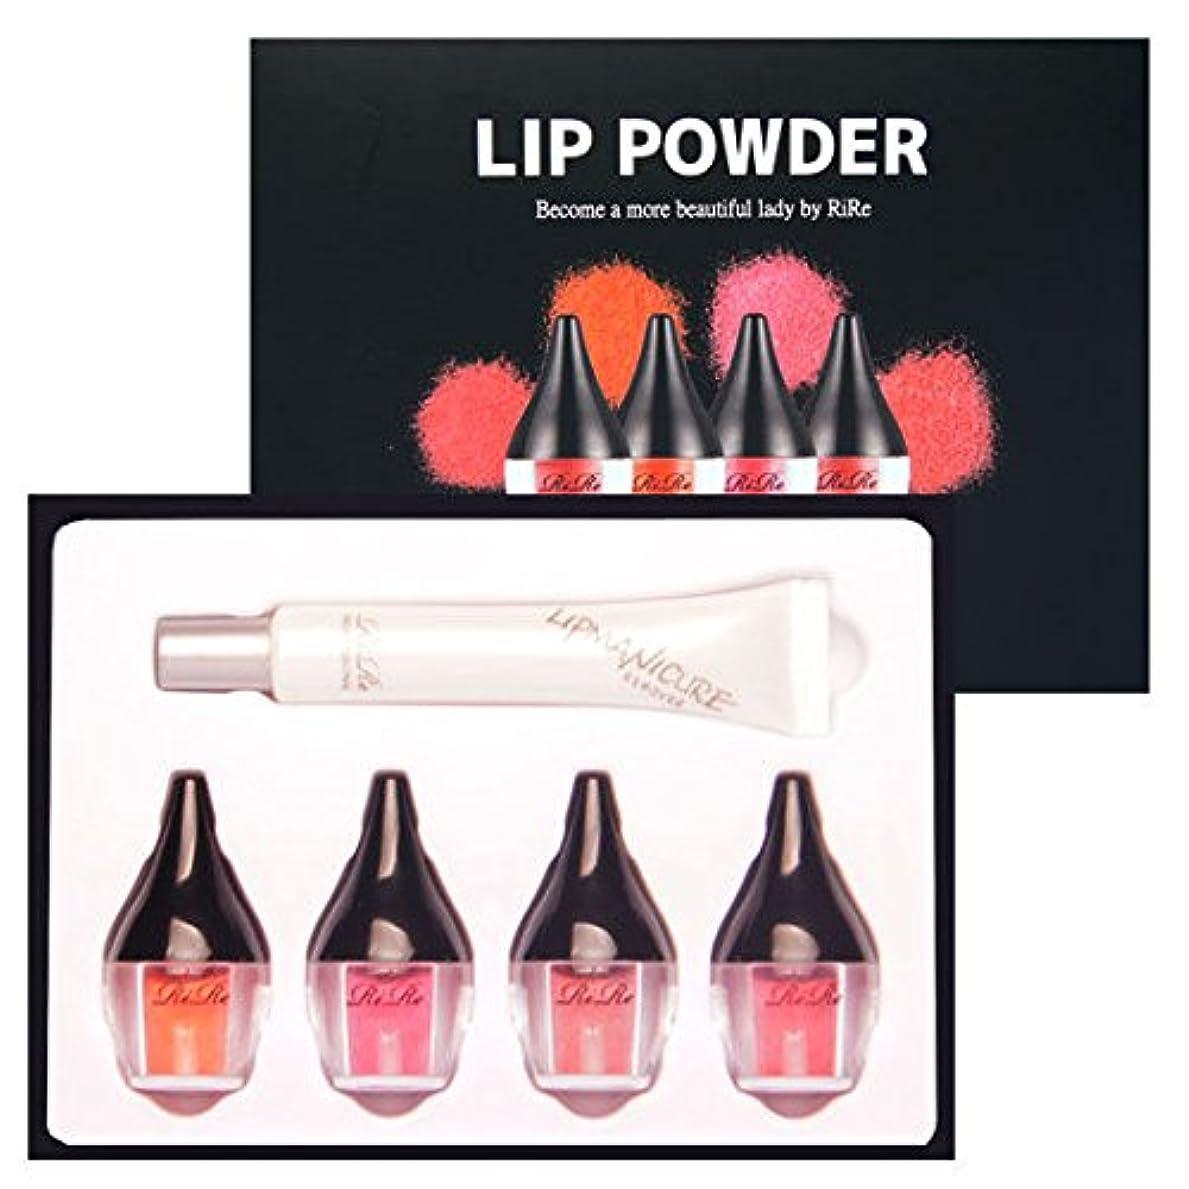 ロック険しいカート[リール]RiRe LIP POWDER Set+Removerパウダーセット+リムーバー(4+1=5)化粧品made in korea (海外直送品)